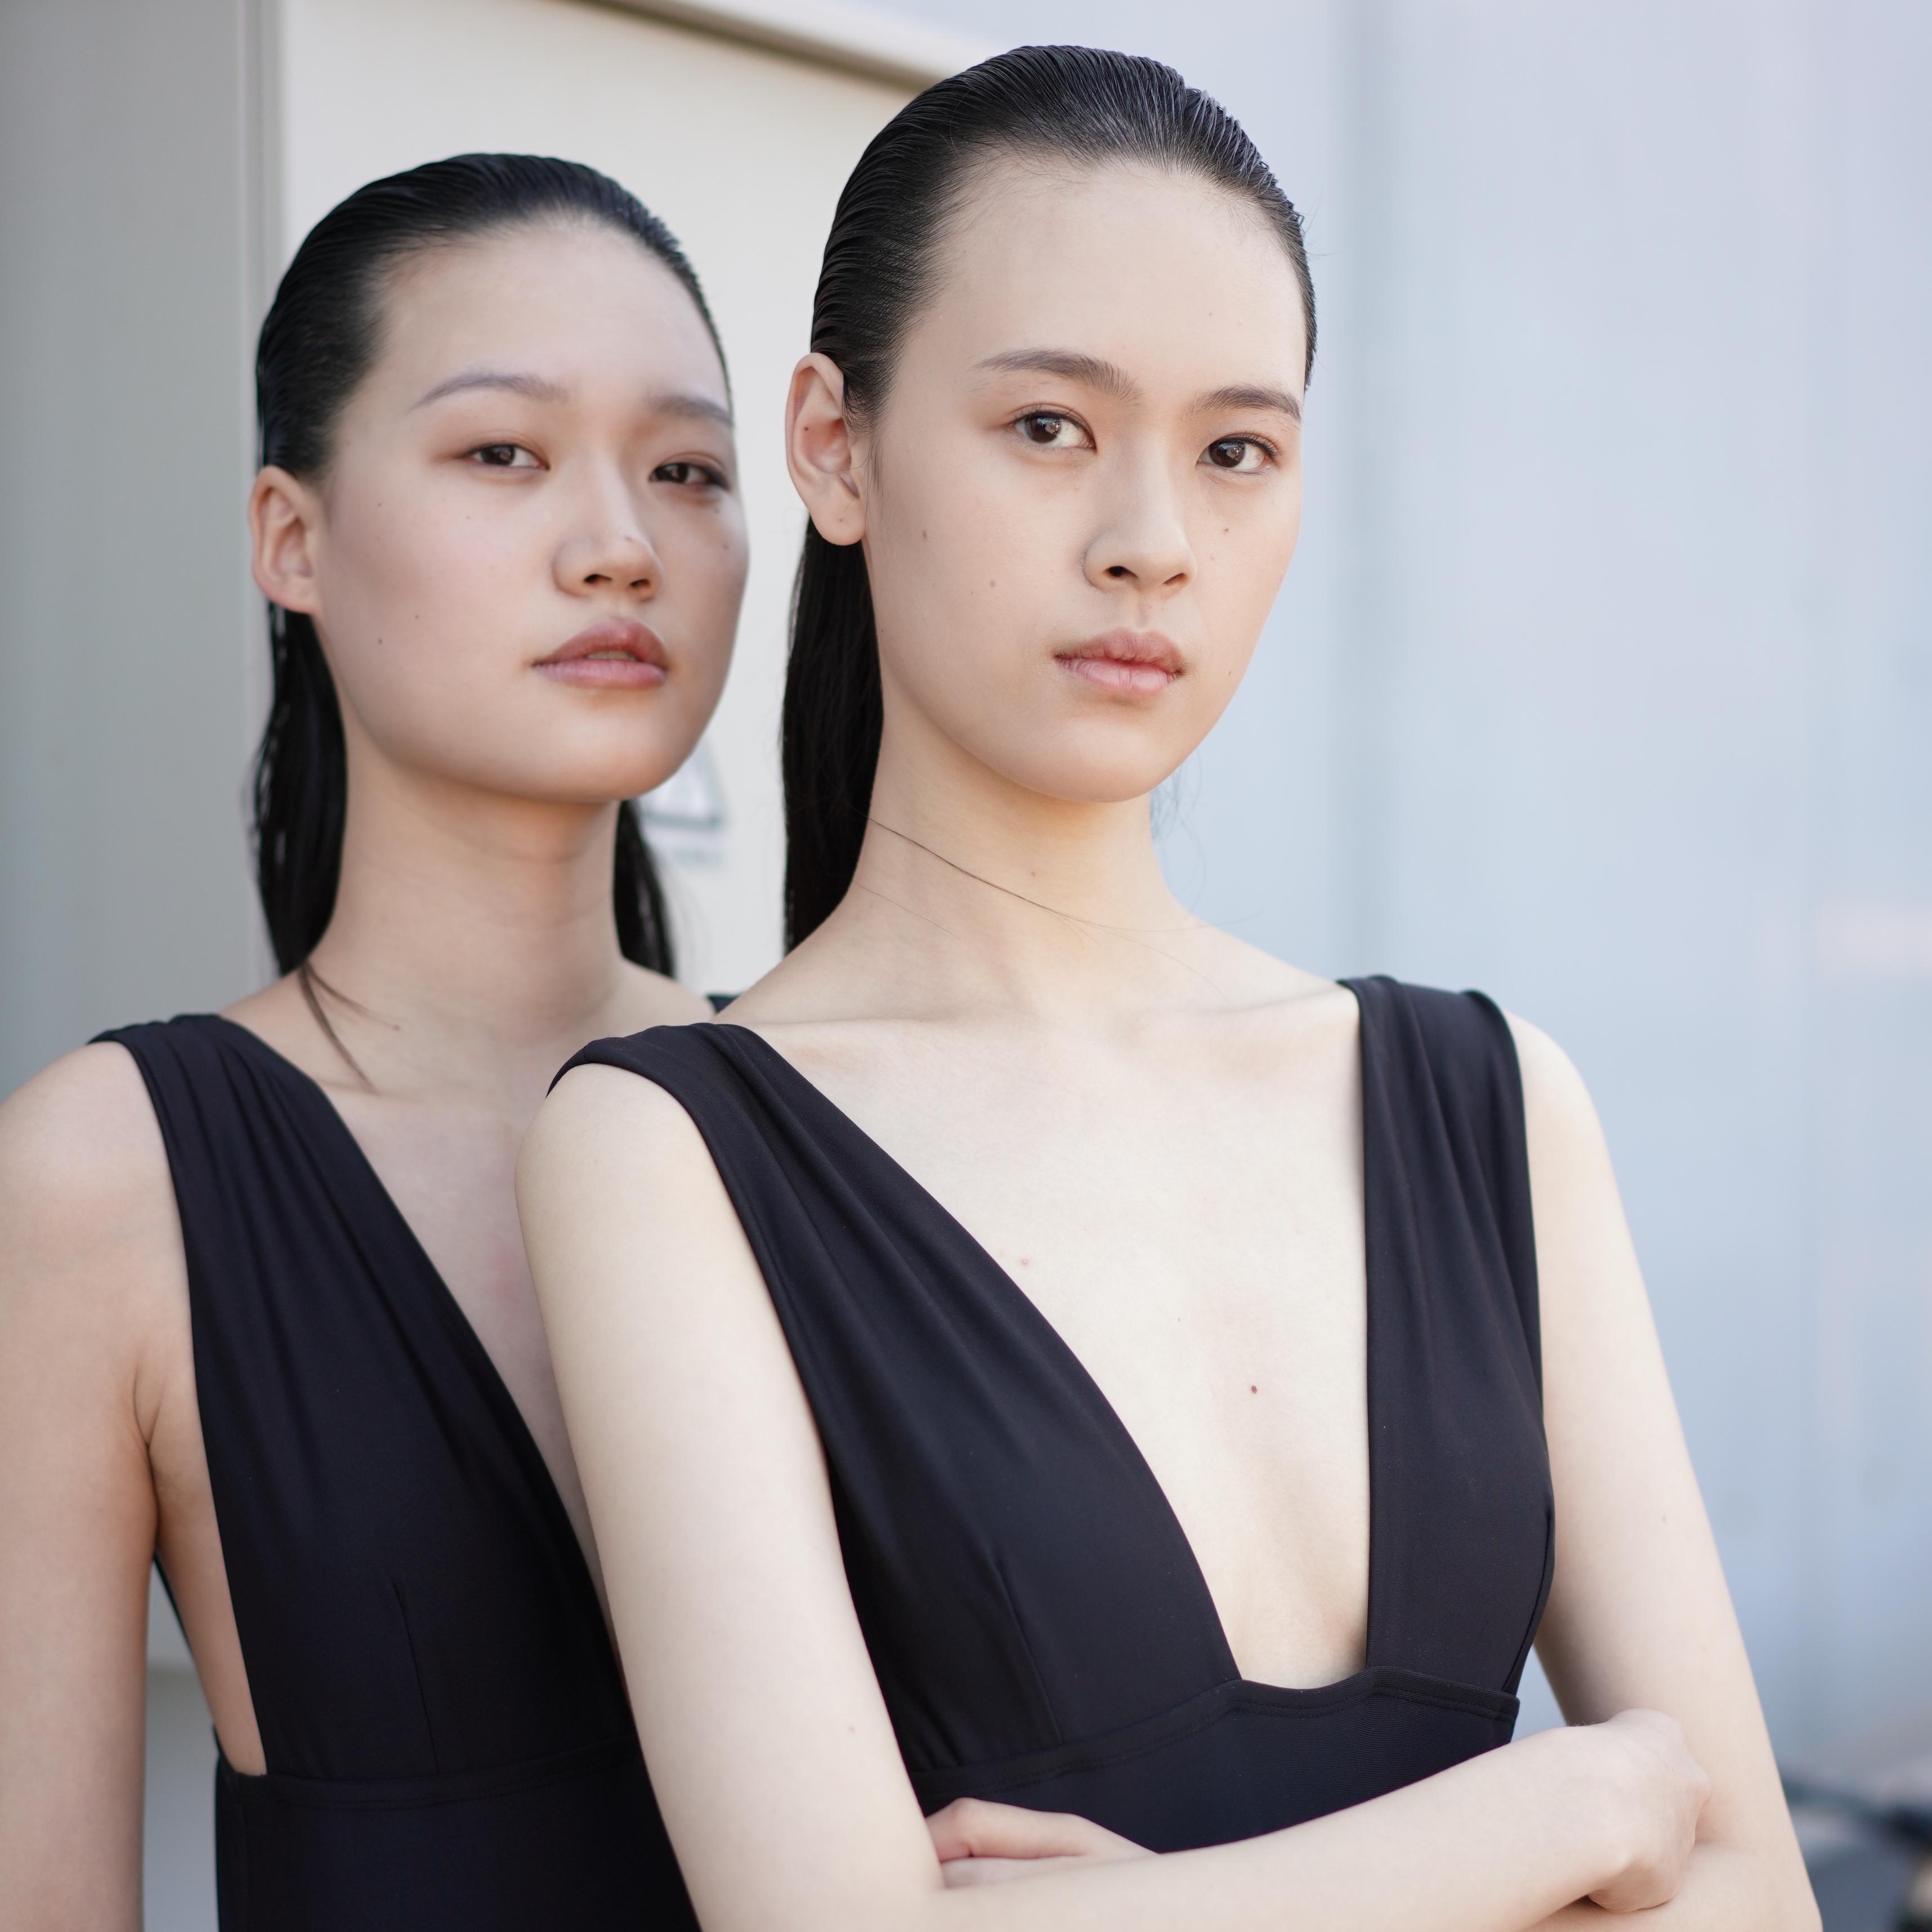 新锐品牌TWO PIECE助力中国模特大赛